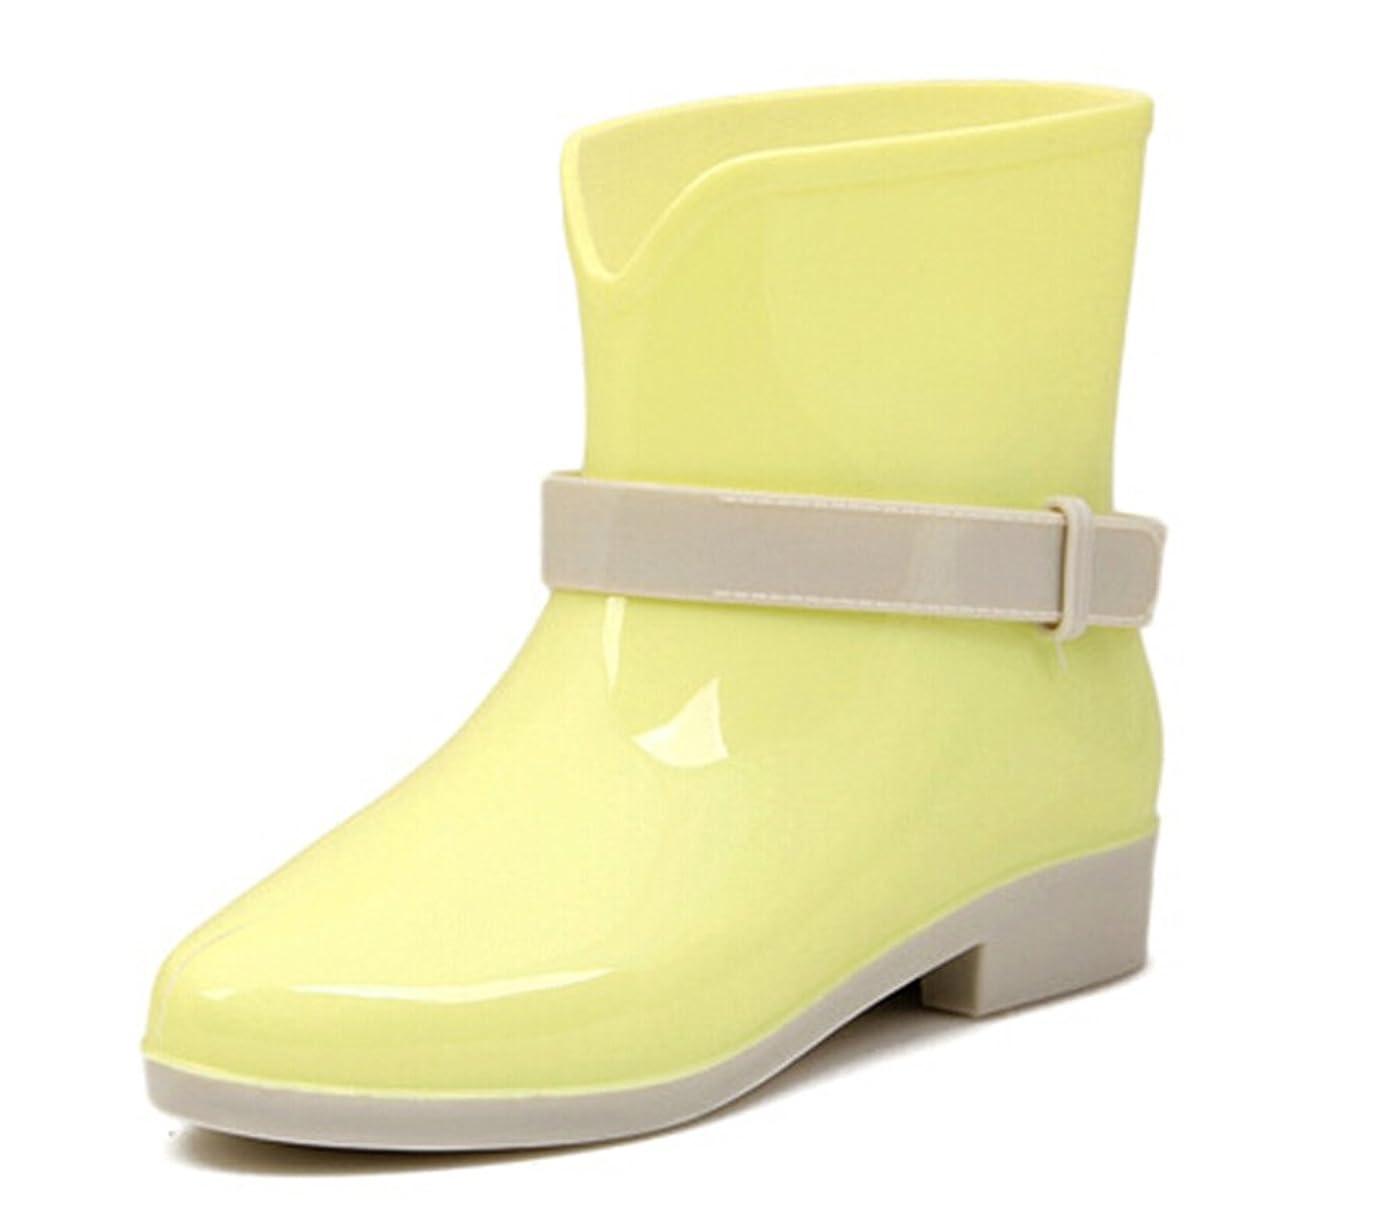 内陸製造医薬品[KISS GOLD] ガールズ キャンディ カラー レインシューズ レインシューズ 雨靴 Girlish Candy Color Soft Rubber Ankle Rain Boots